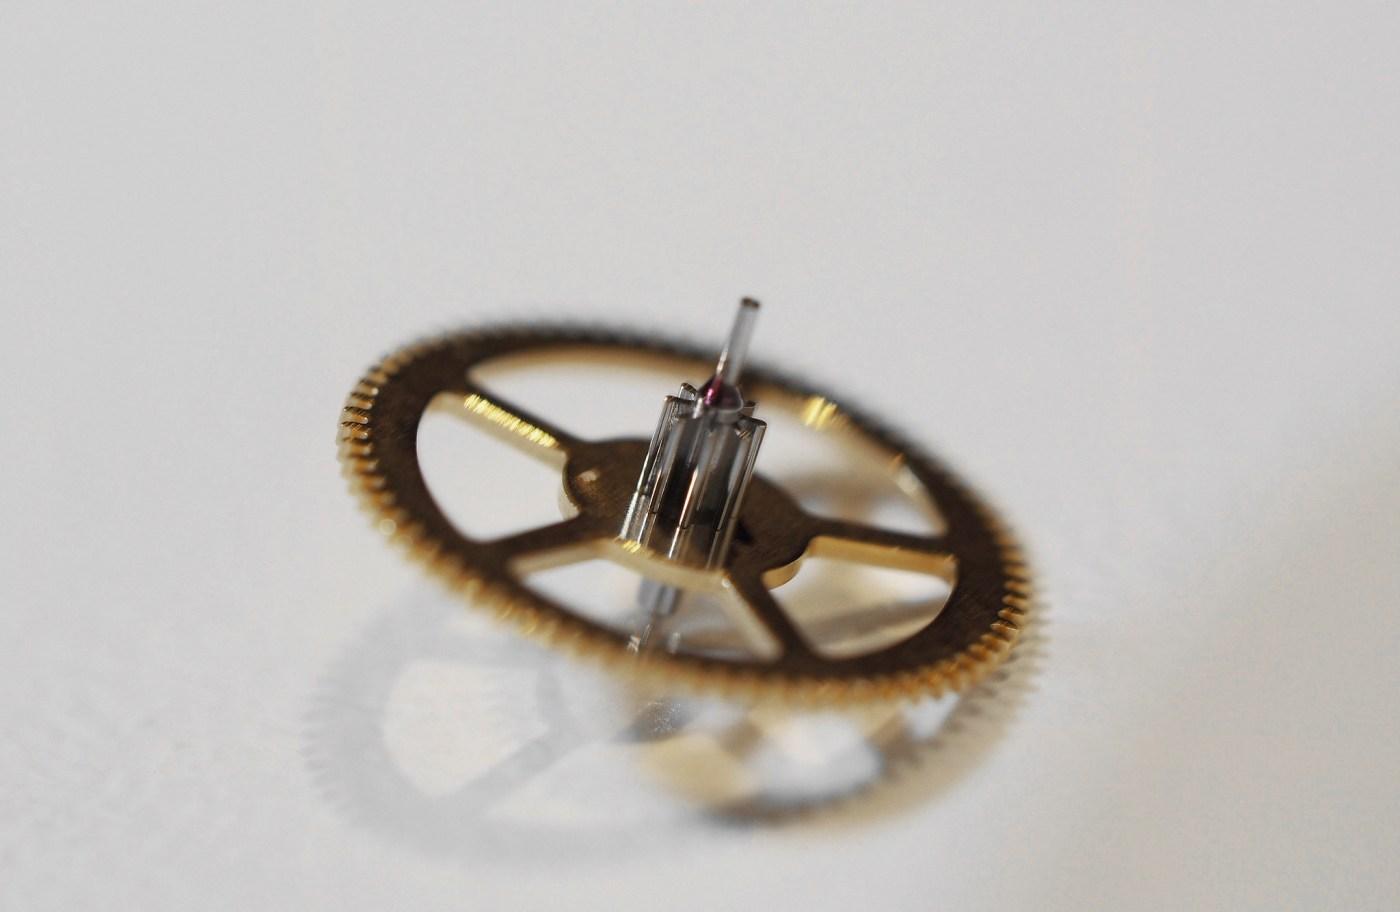 Oiled center wheel pinion